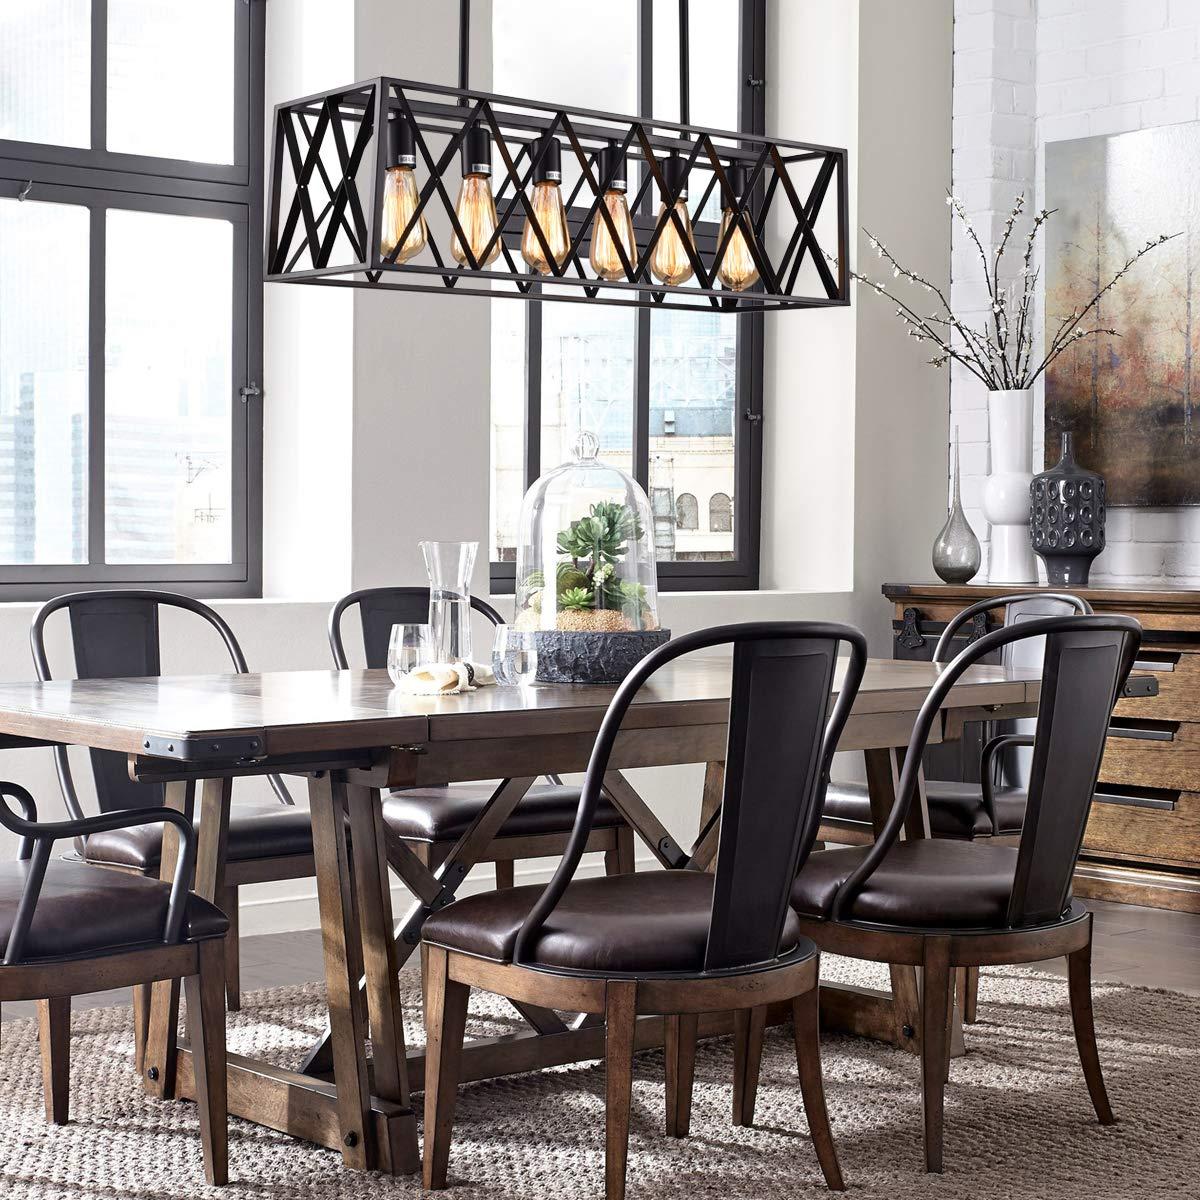 Amazon.com: Mirrea - Lámpara de techo con marco rectangular ...